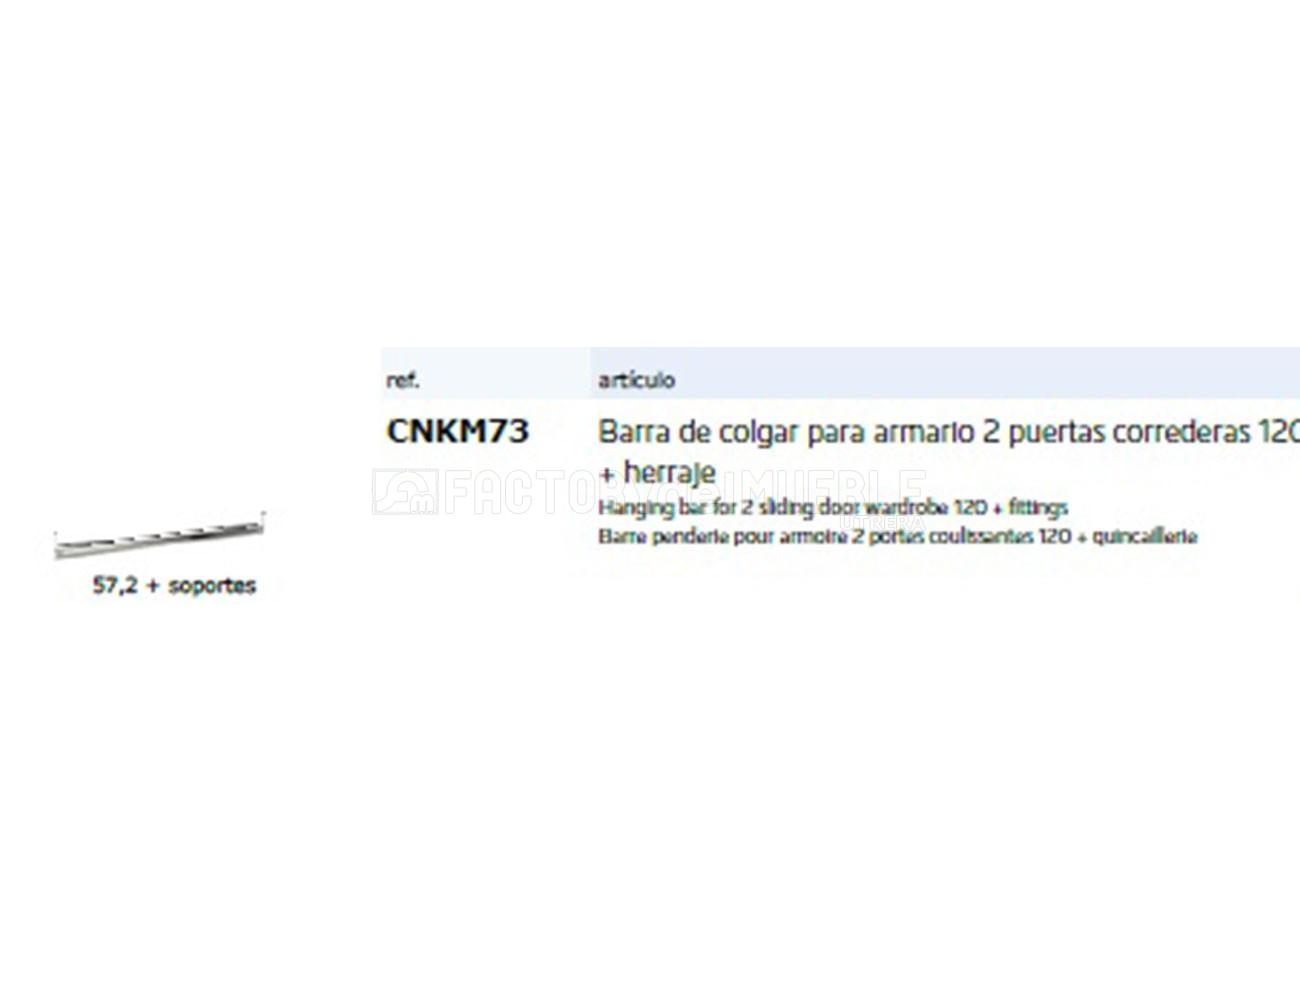 Cnkm73 barra colgar para armario2p correderas 120